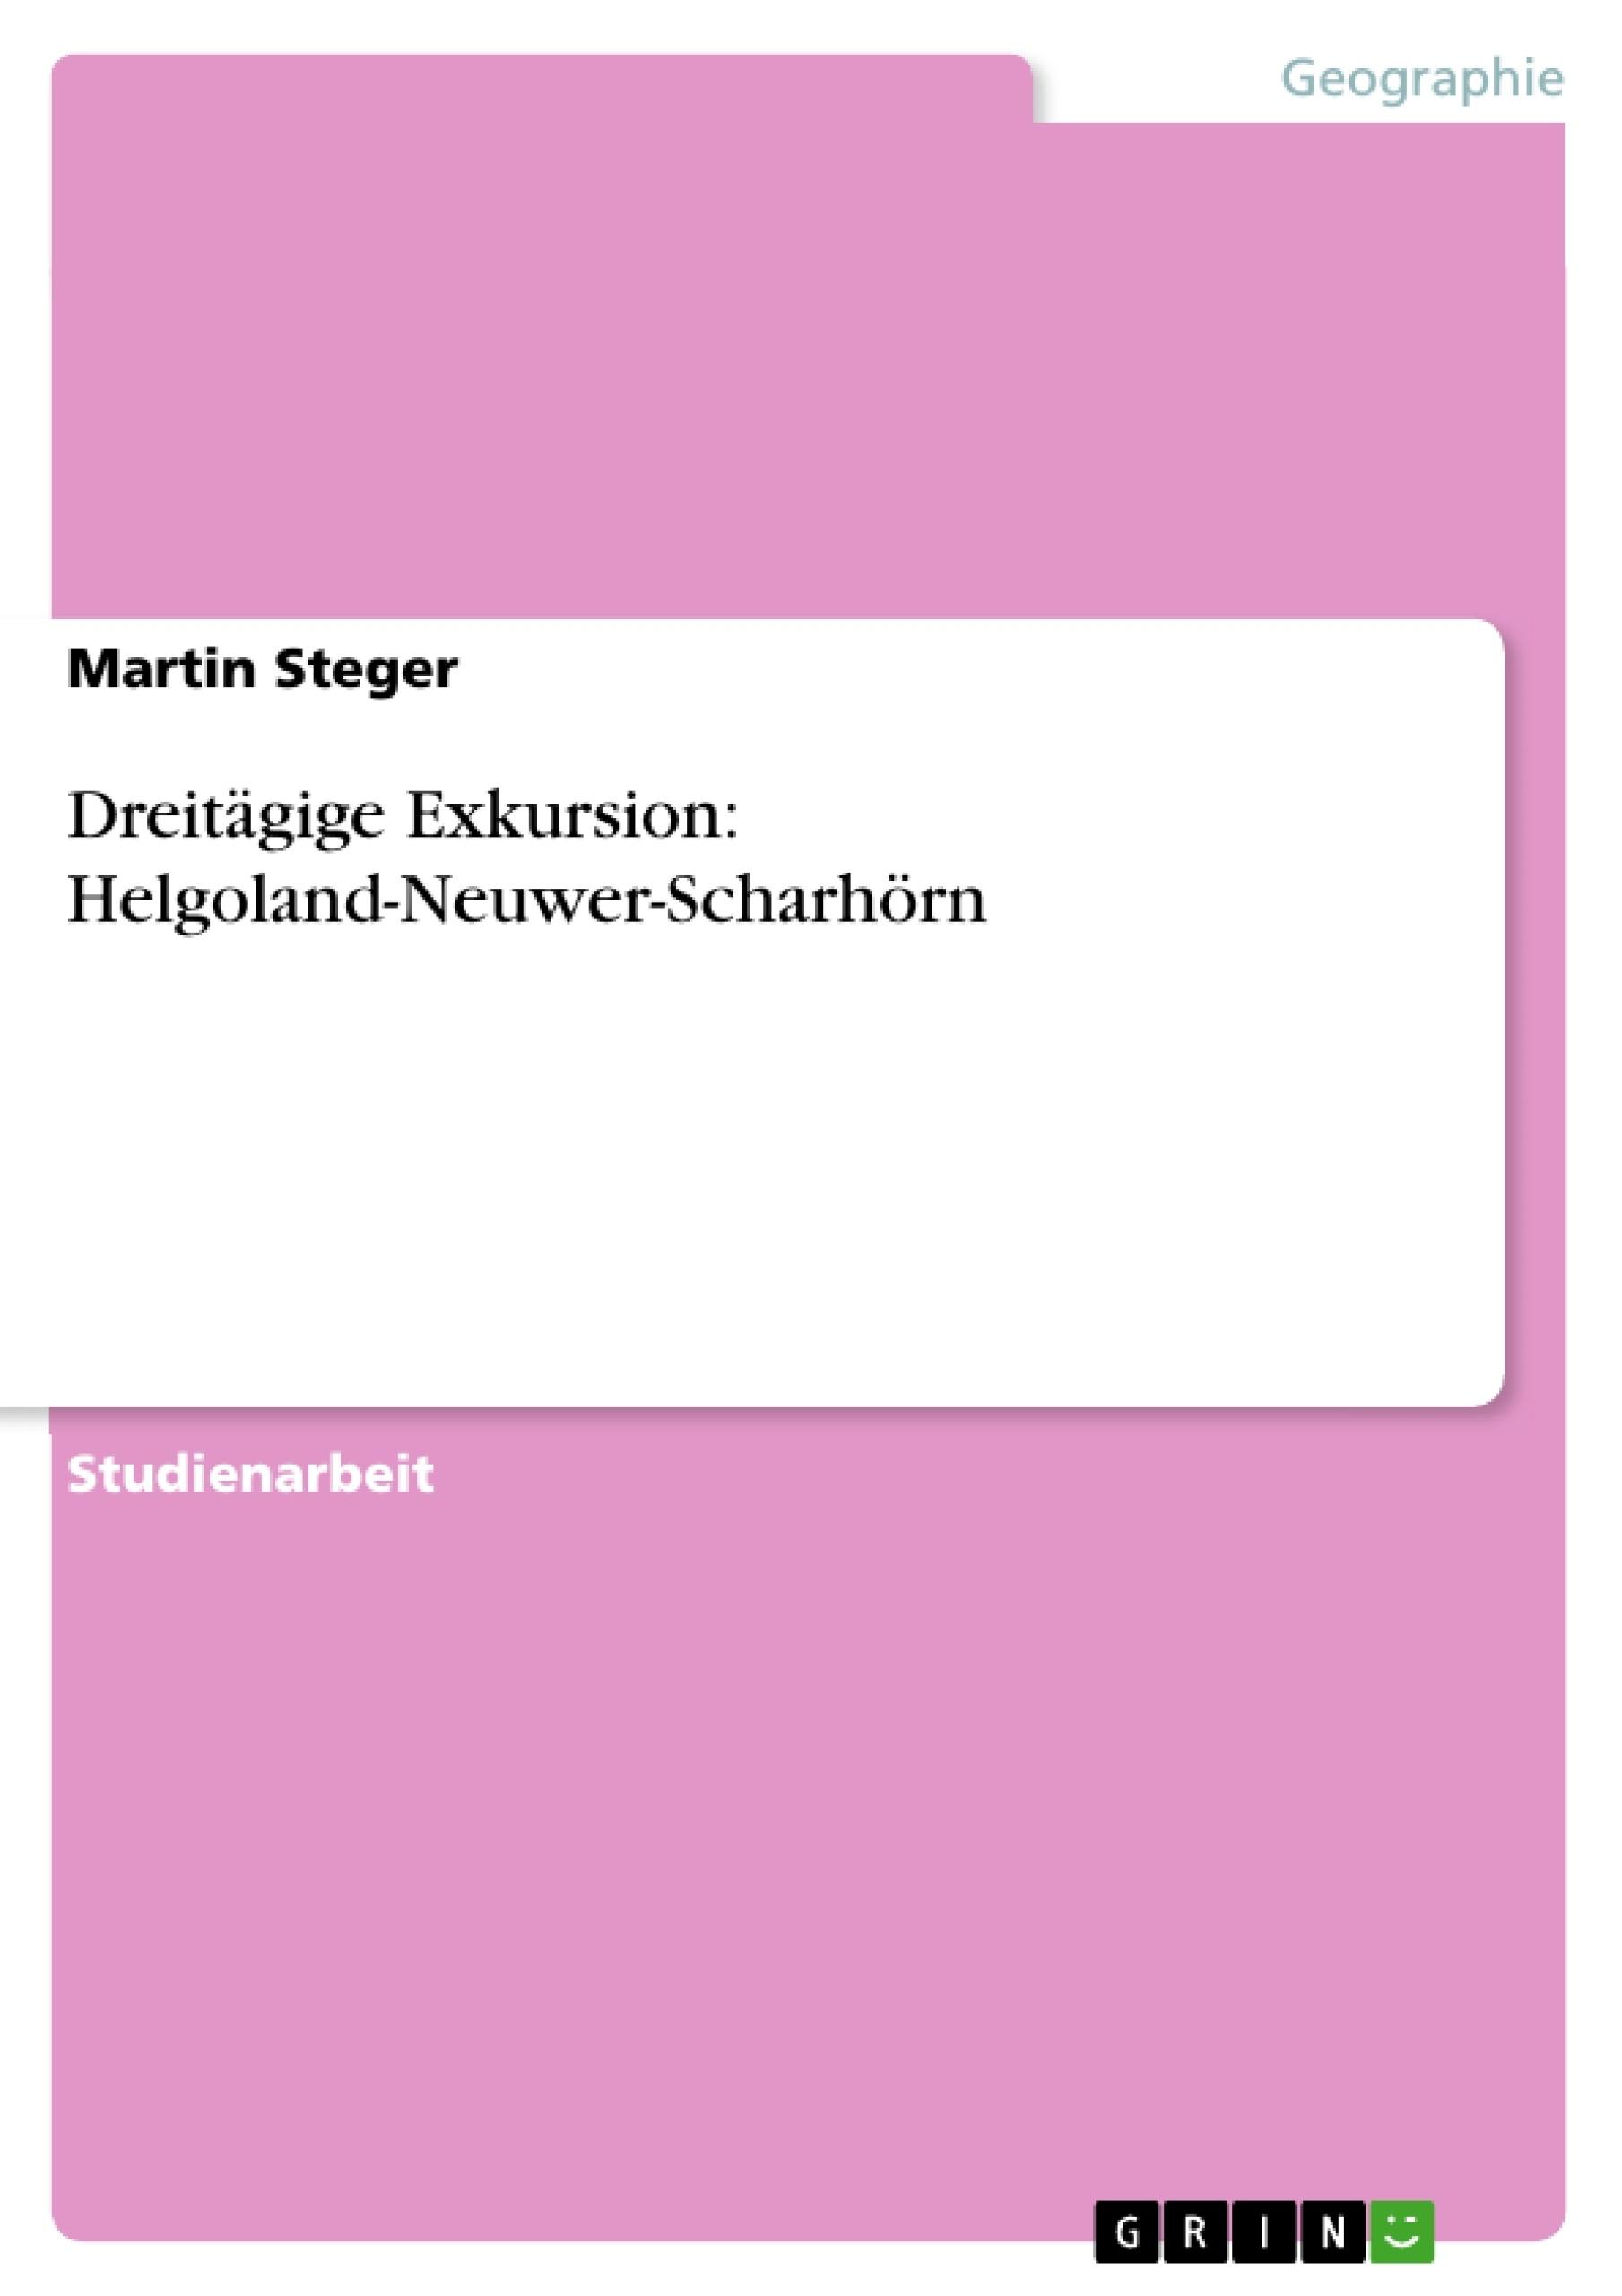 Titel: Dreitägige Exkursion: Helgoland-Neuwer-Scharhörn